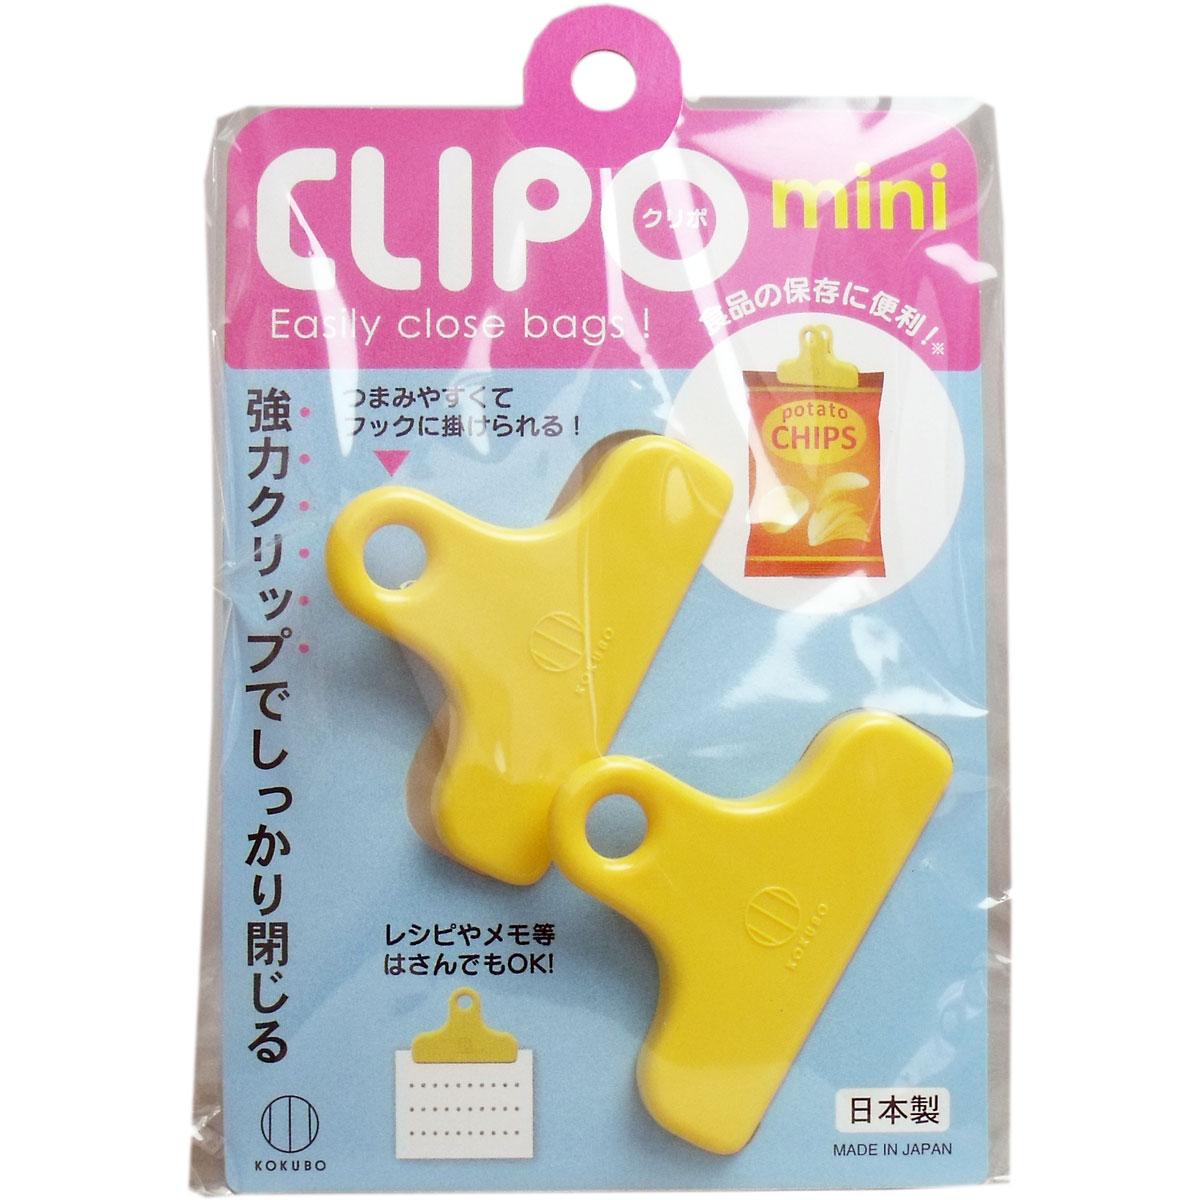 CLIPO(クリポ) ミニ 2個入